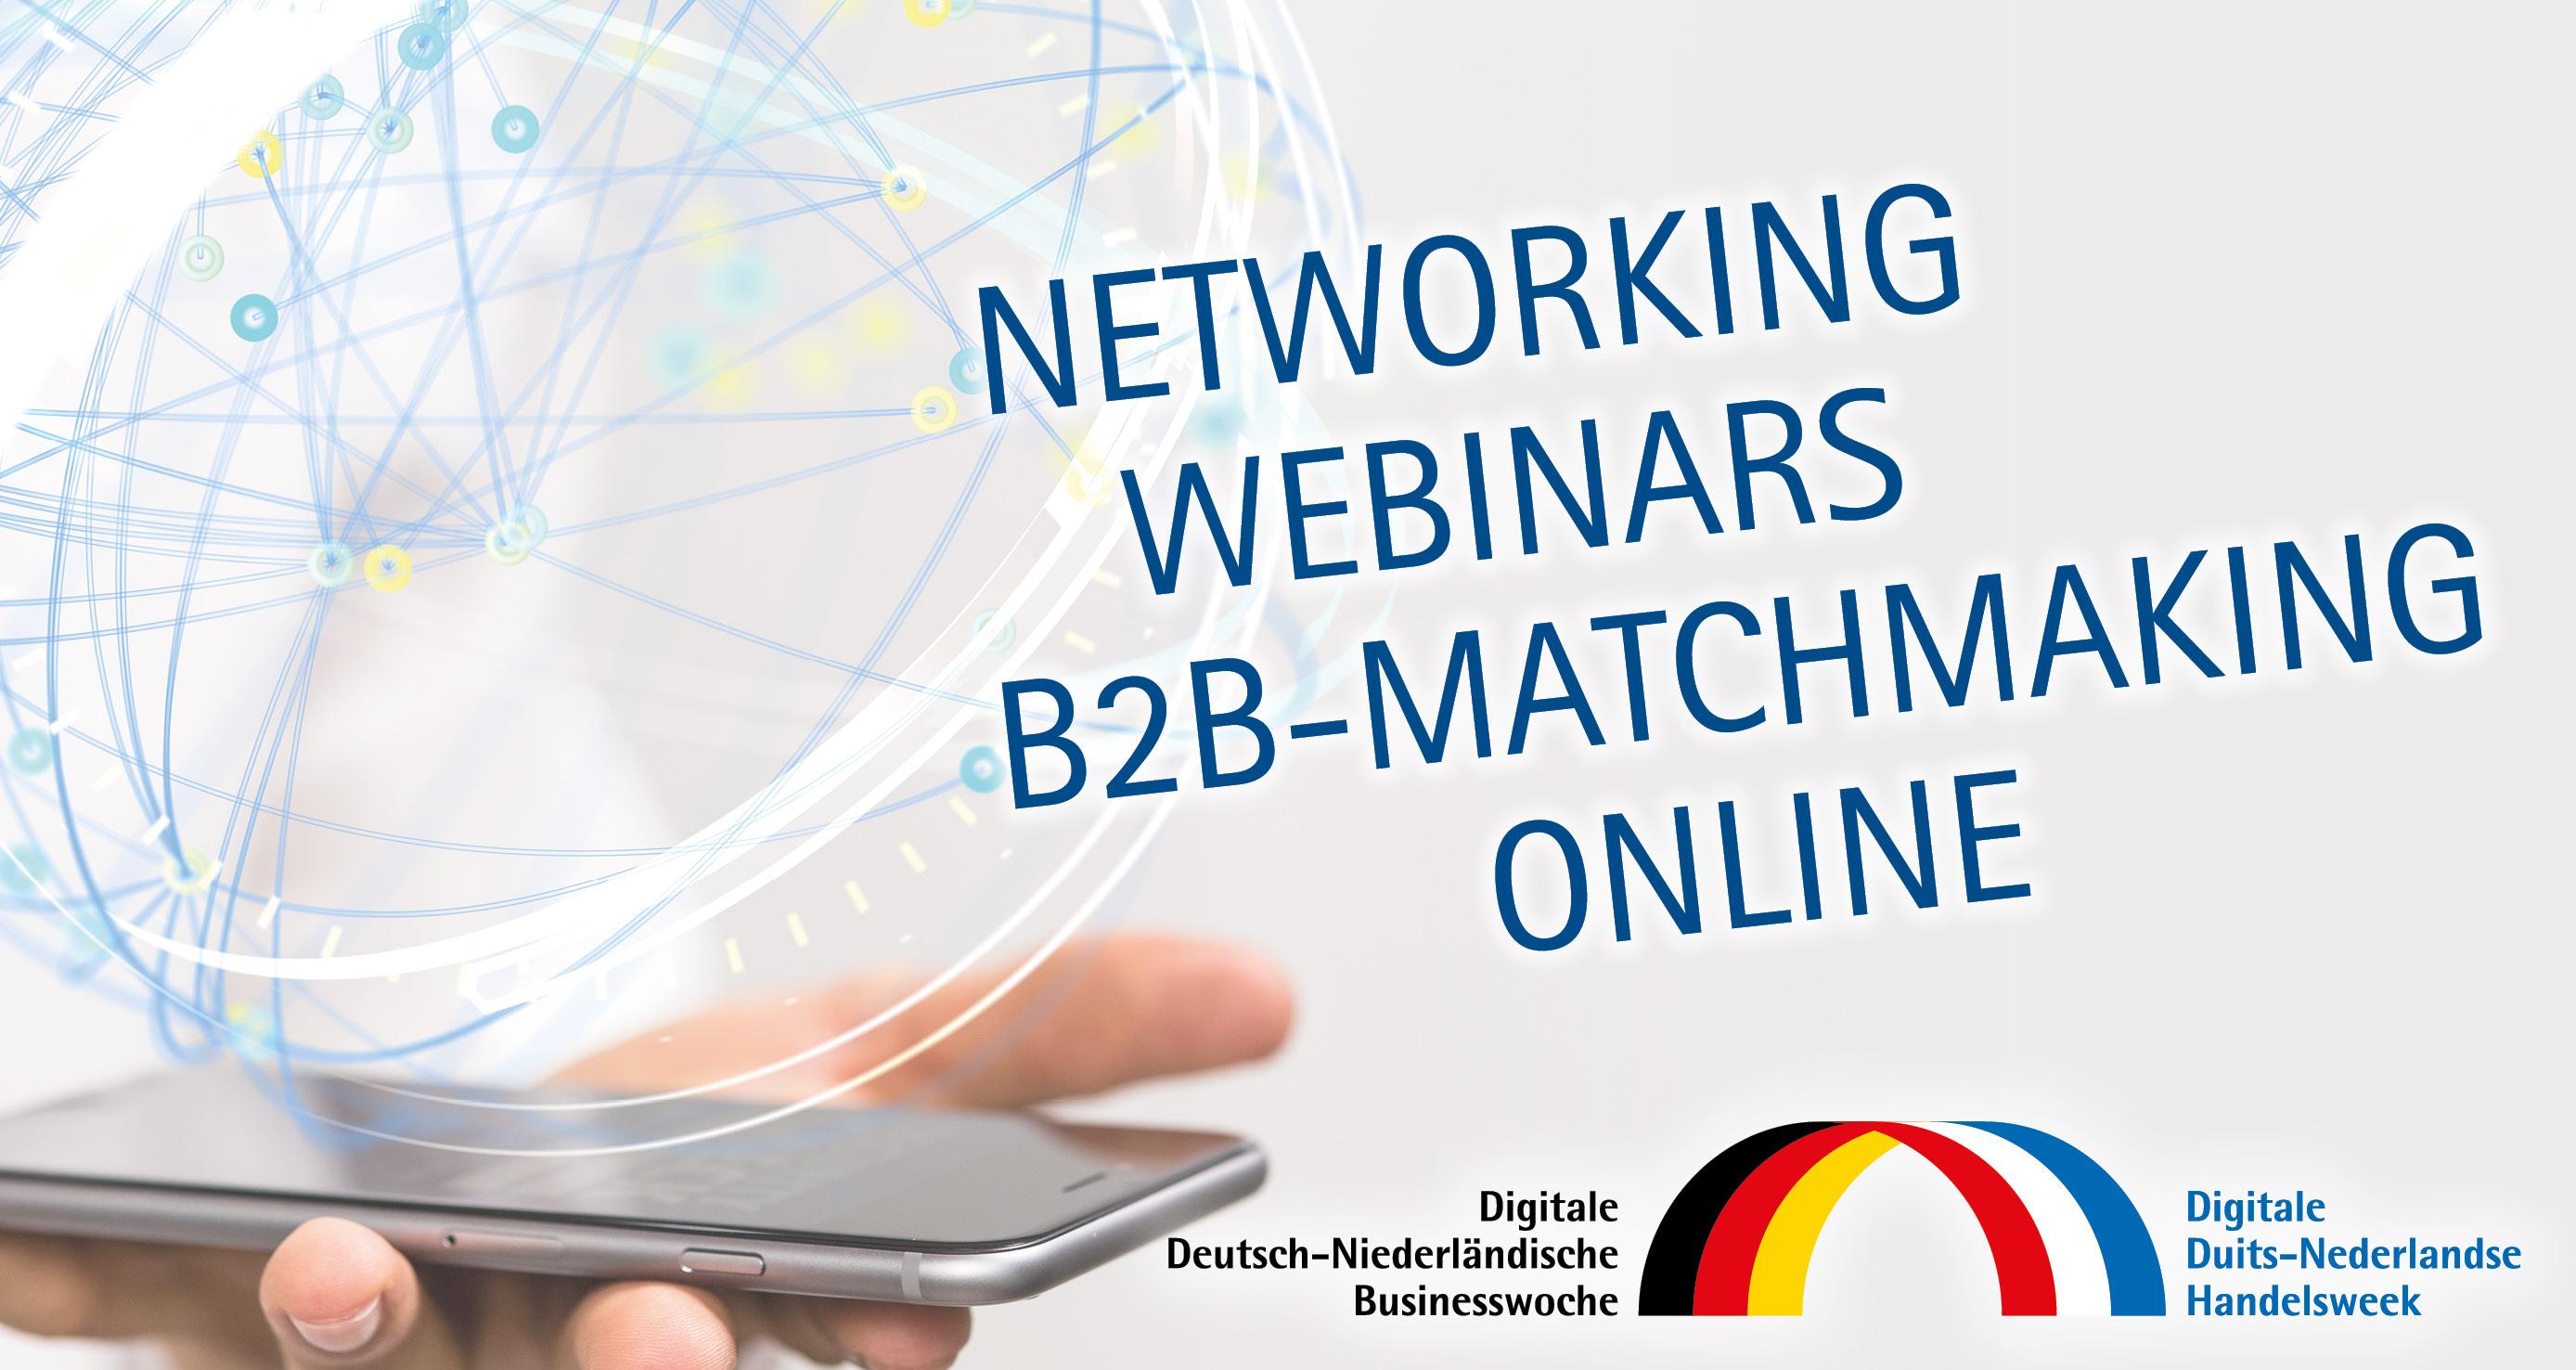 Online netwerken tijdens Digitale Duits-Nederlandse Handelsweek